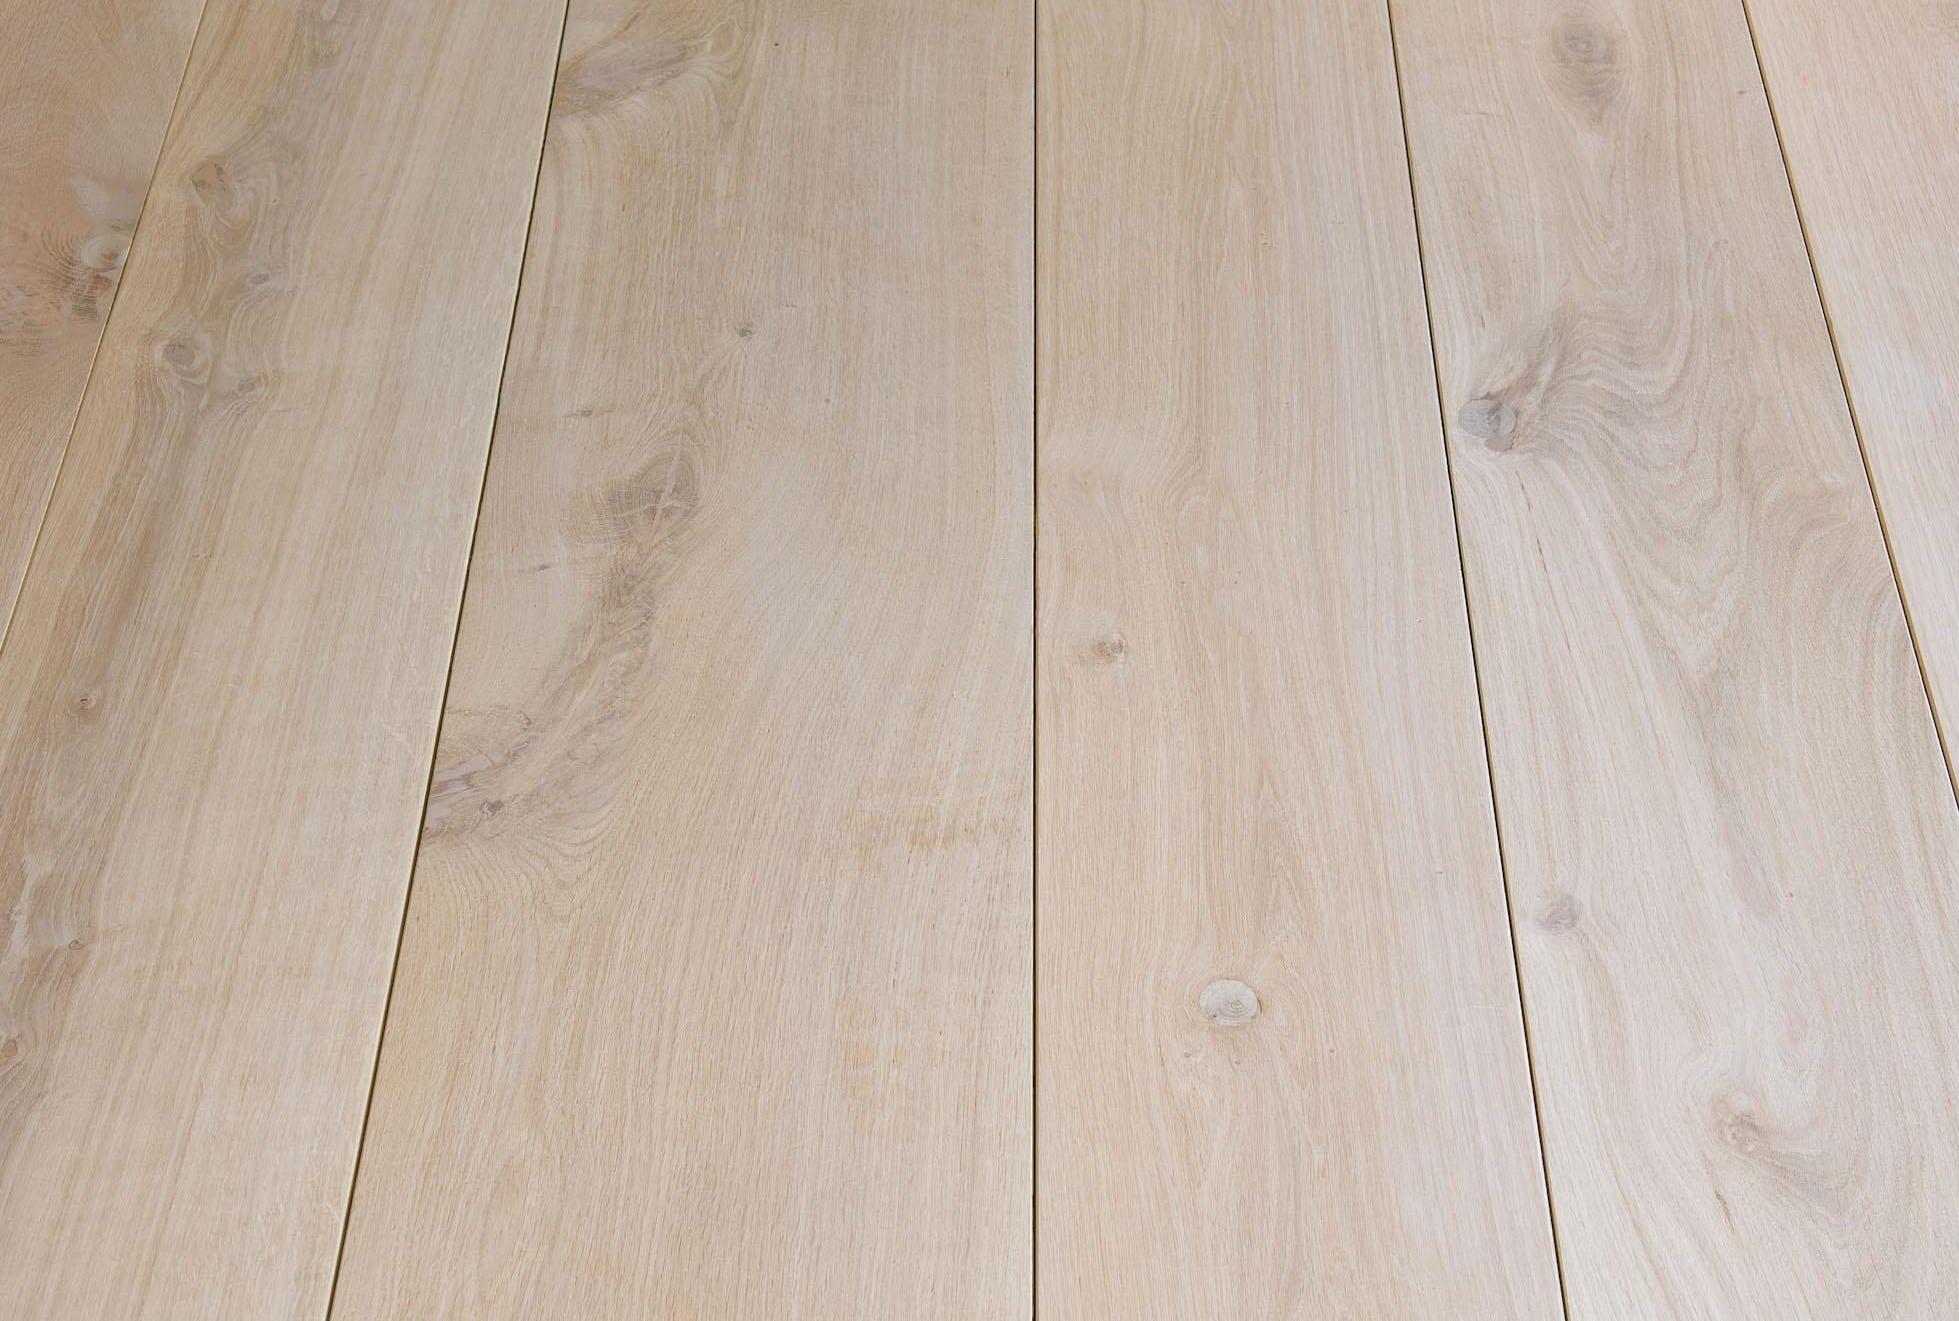 fußboden aus echtholz_bodenbeläge zum zimmer einrichten mit naturmaterialien